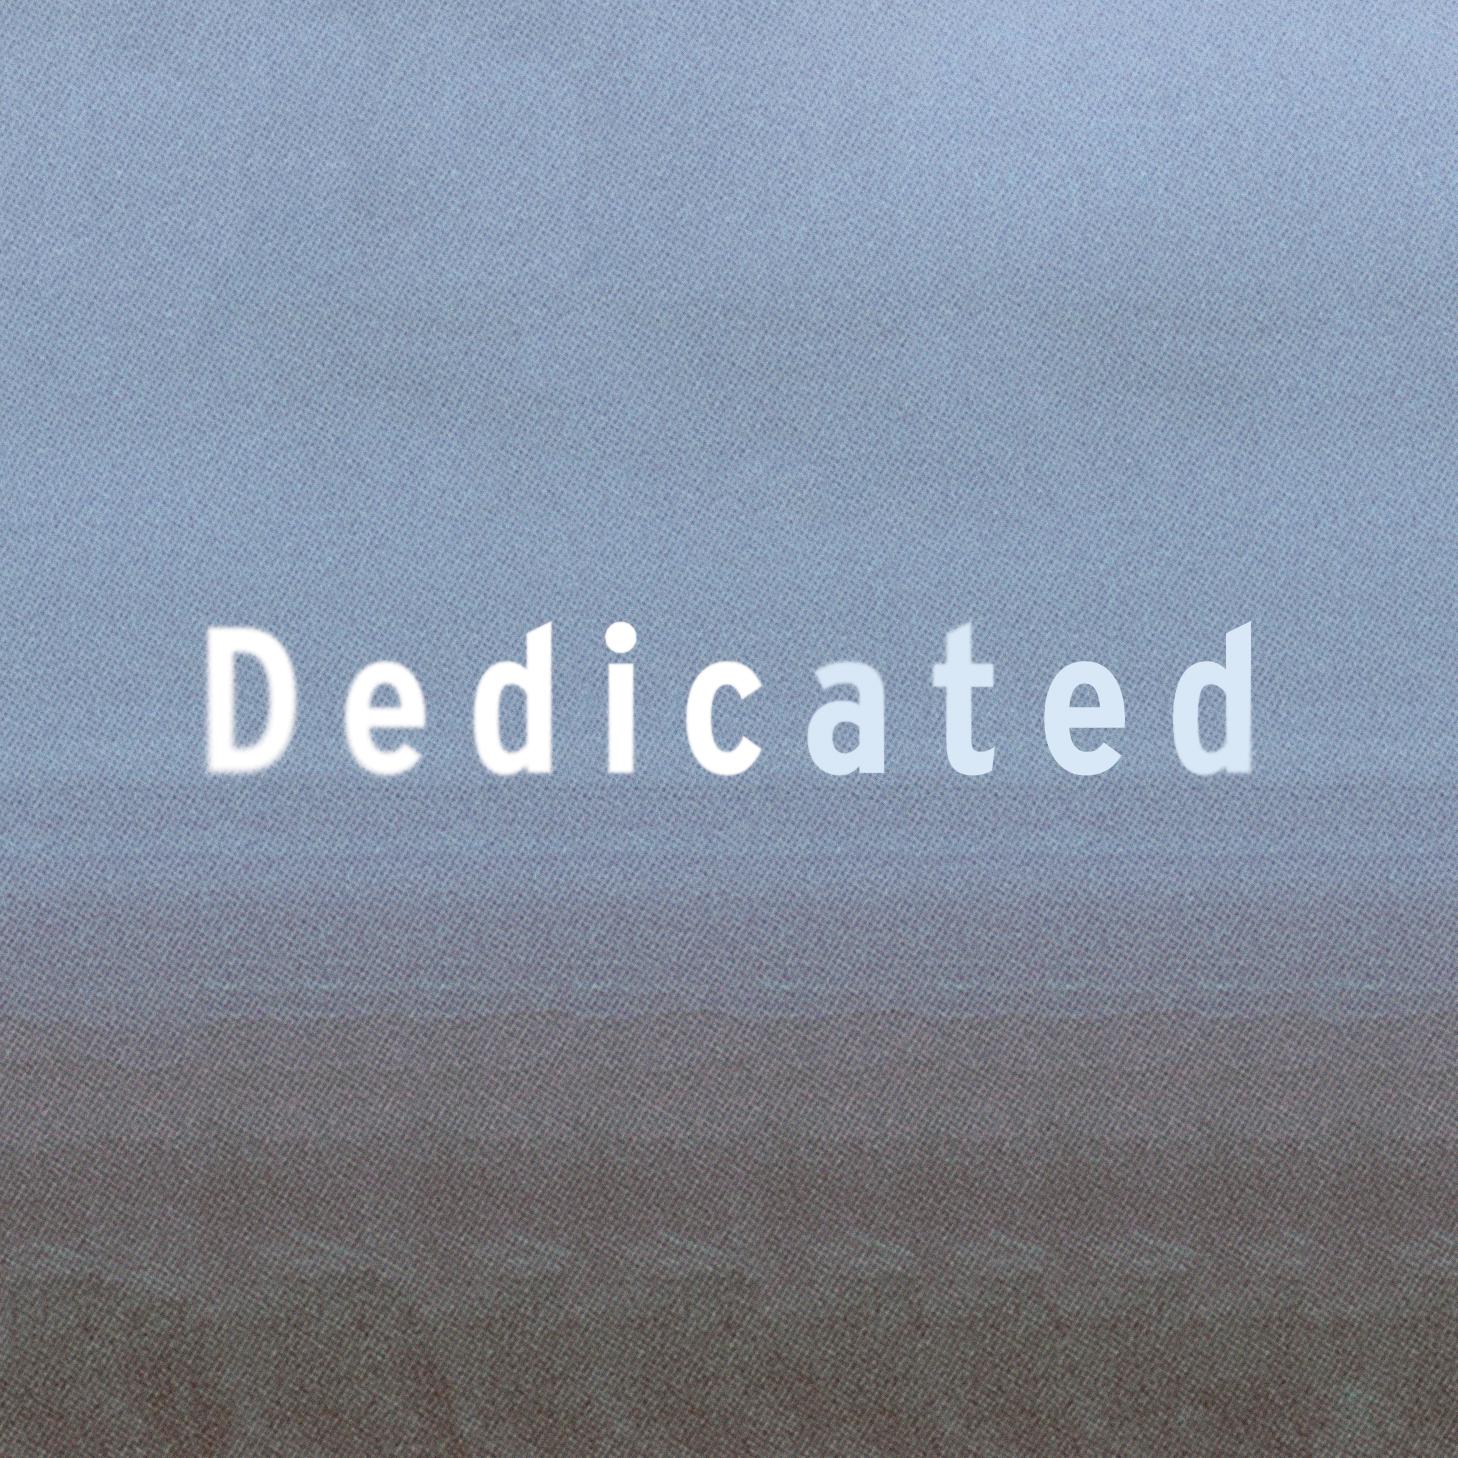 Matija Dedic | Dedicated   buy:  MP3   CD   BandCamp   iTunes   Amazon